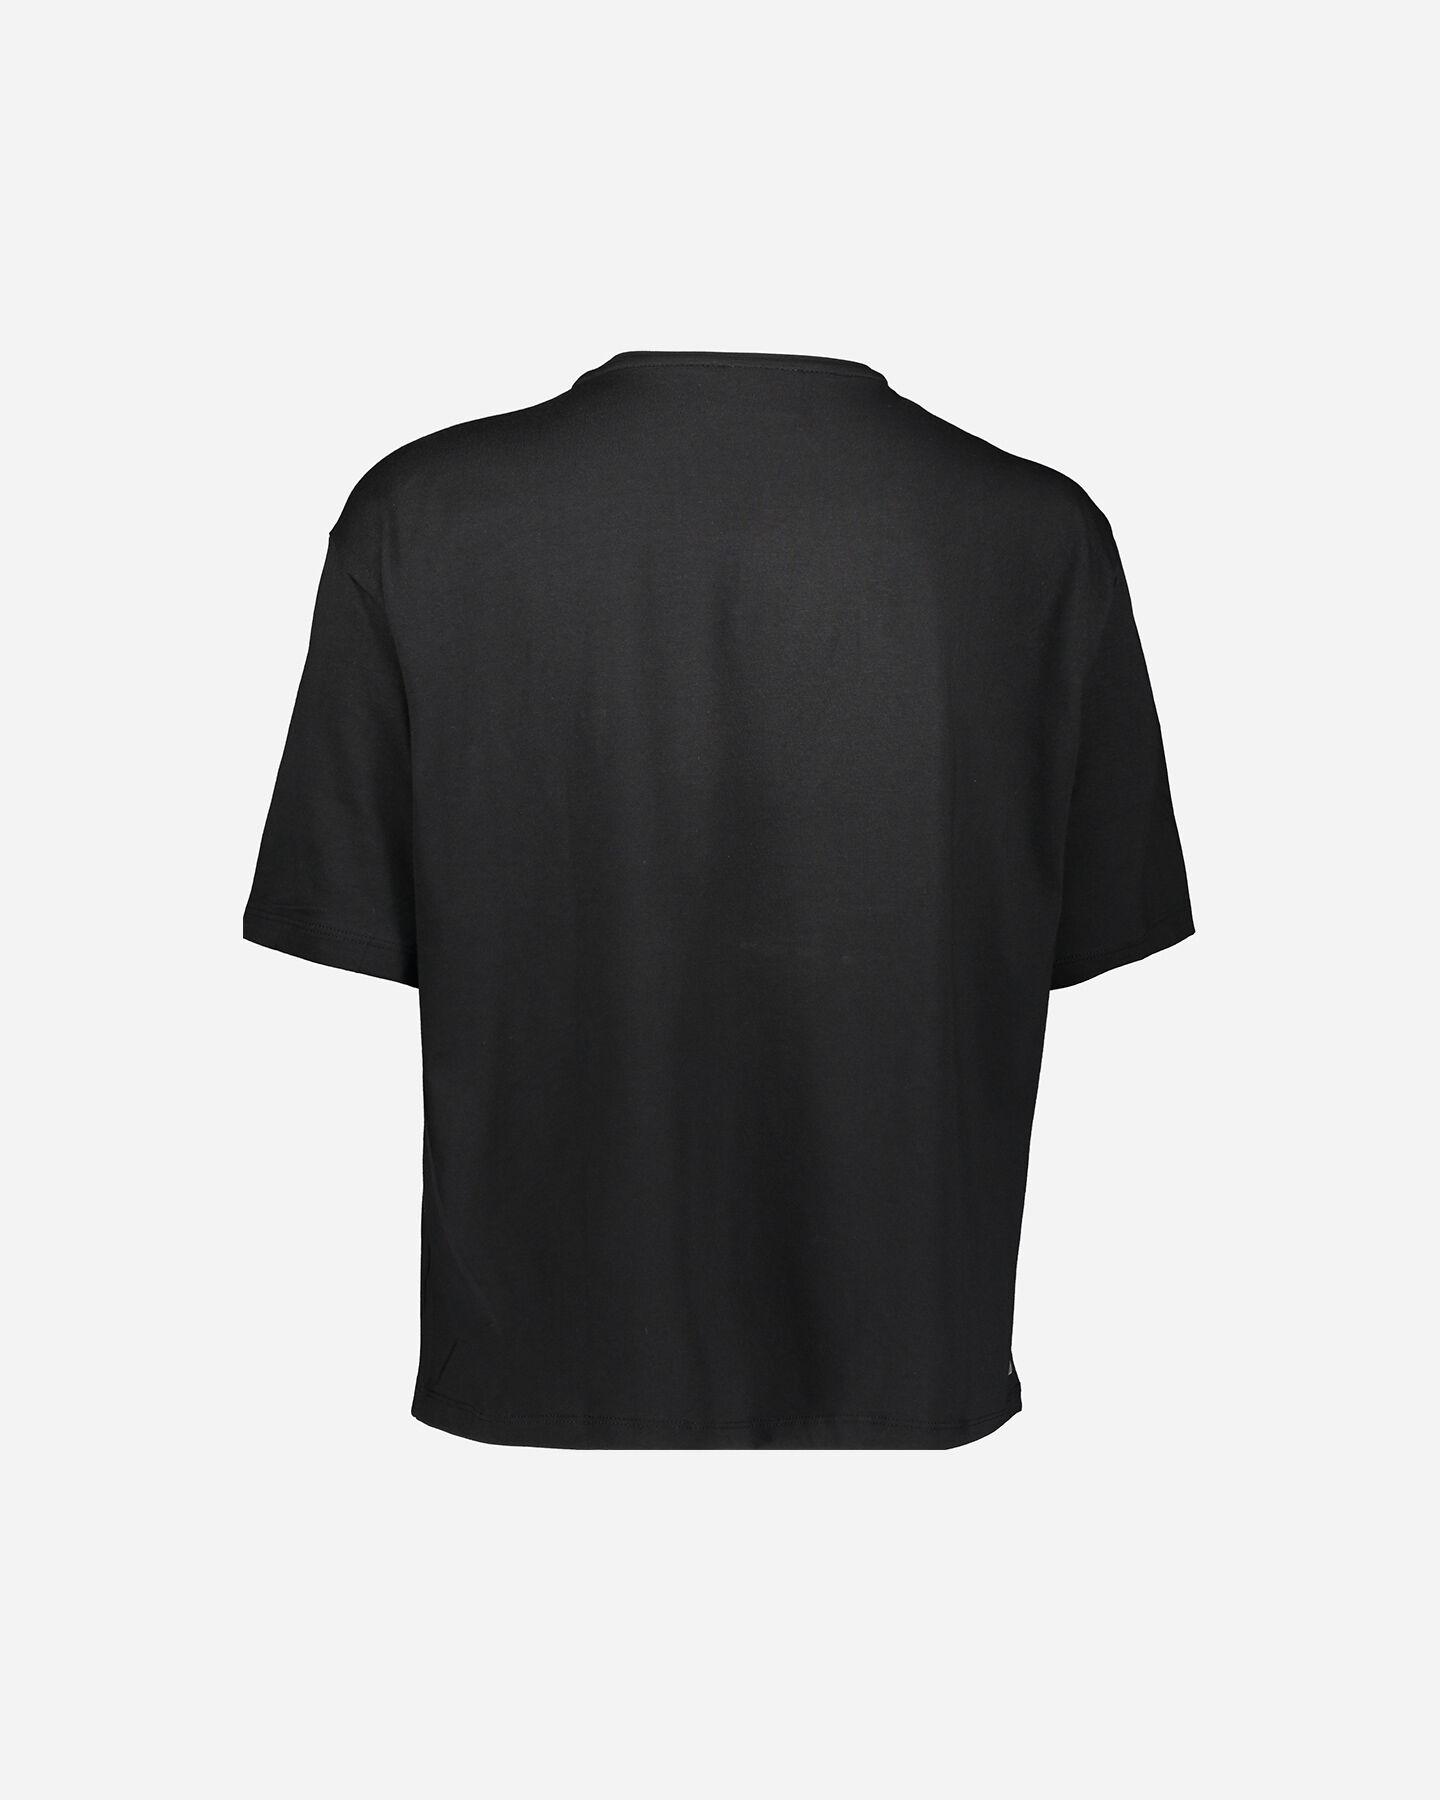 T-Shirt training FREDDY BIG LOGO MOV W S5183526 scatto 1